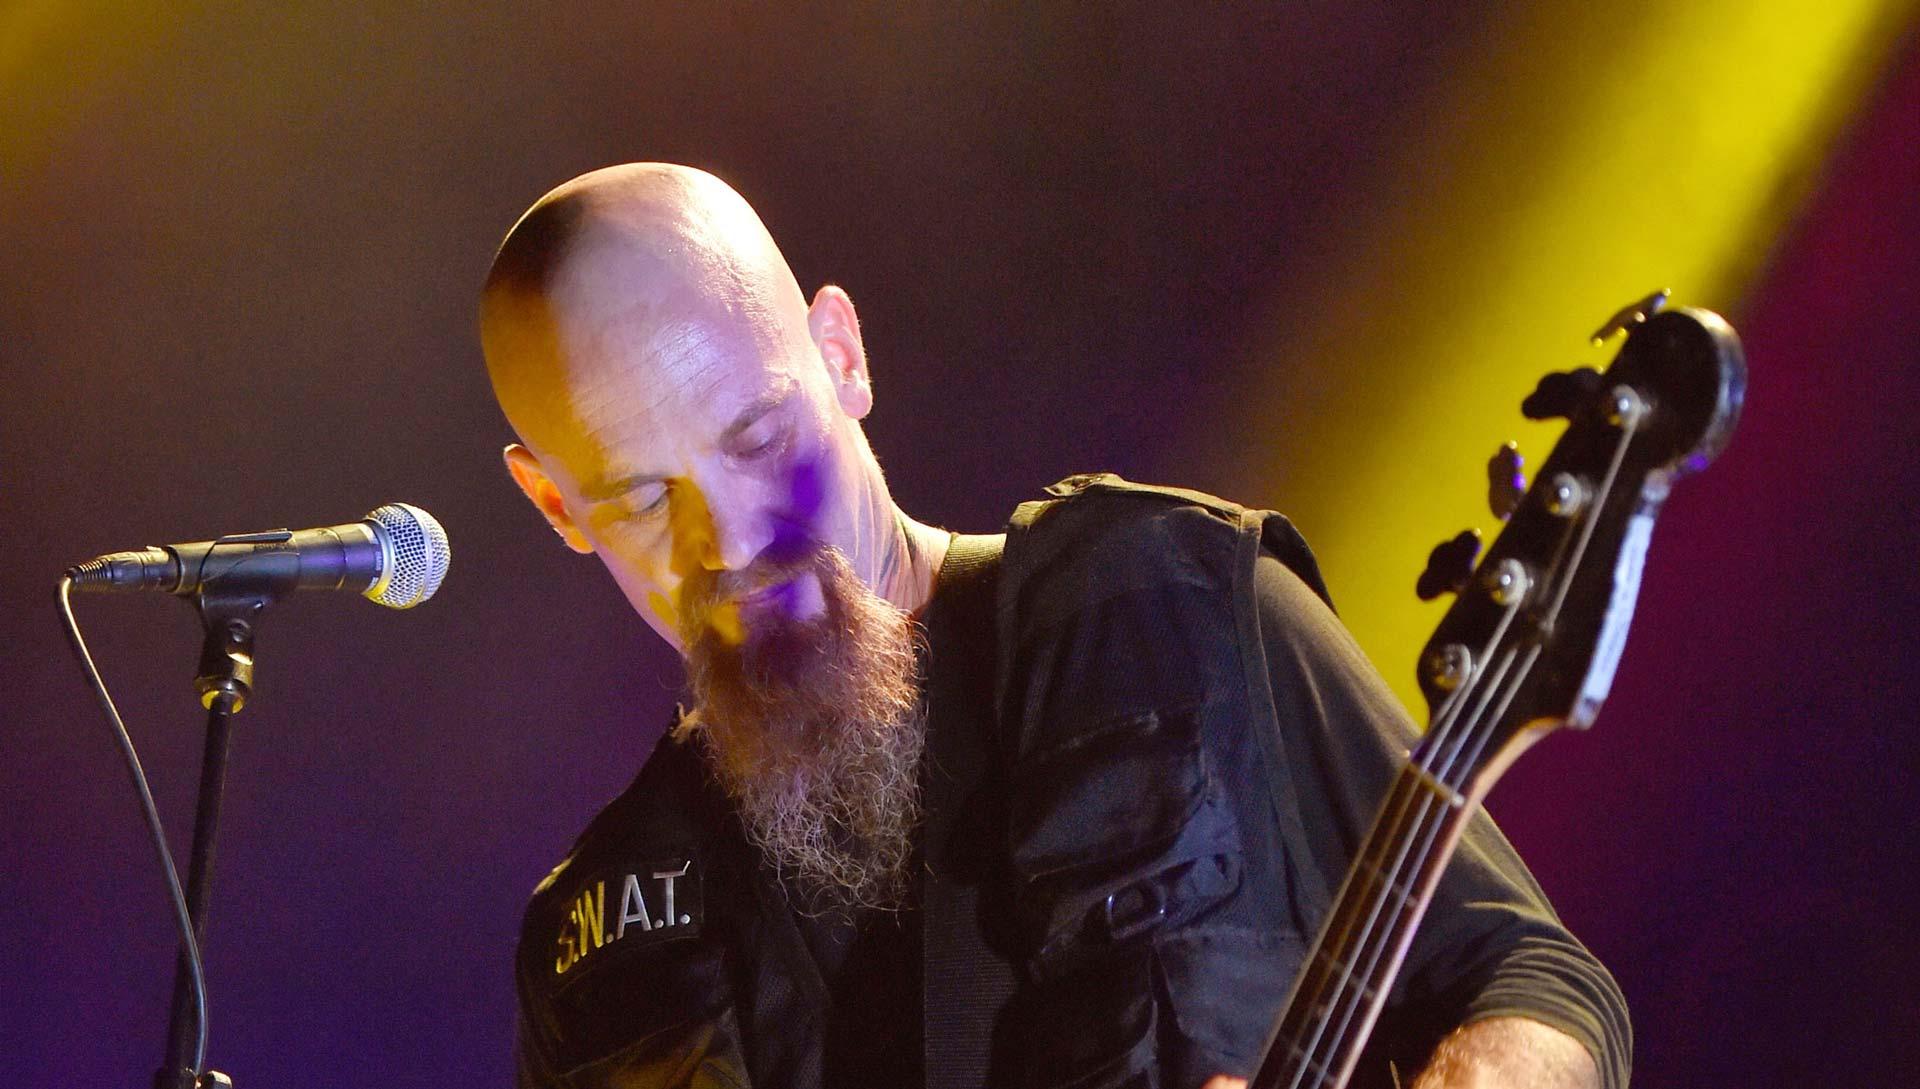 NAJAVA KOCERTA: Majstor stoner rocka u akustičnom izdanju